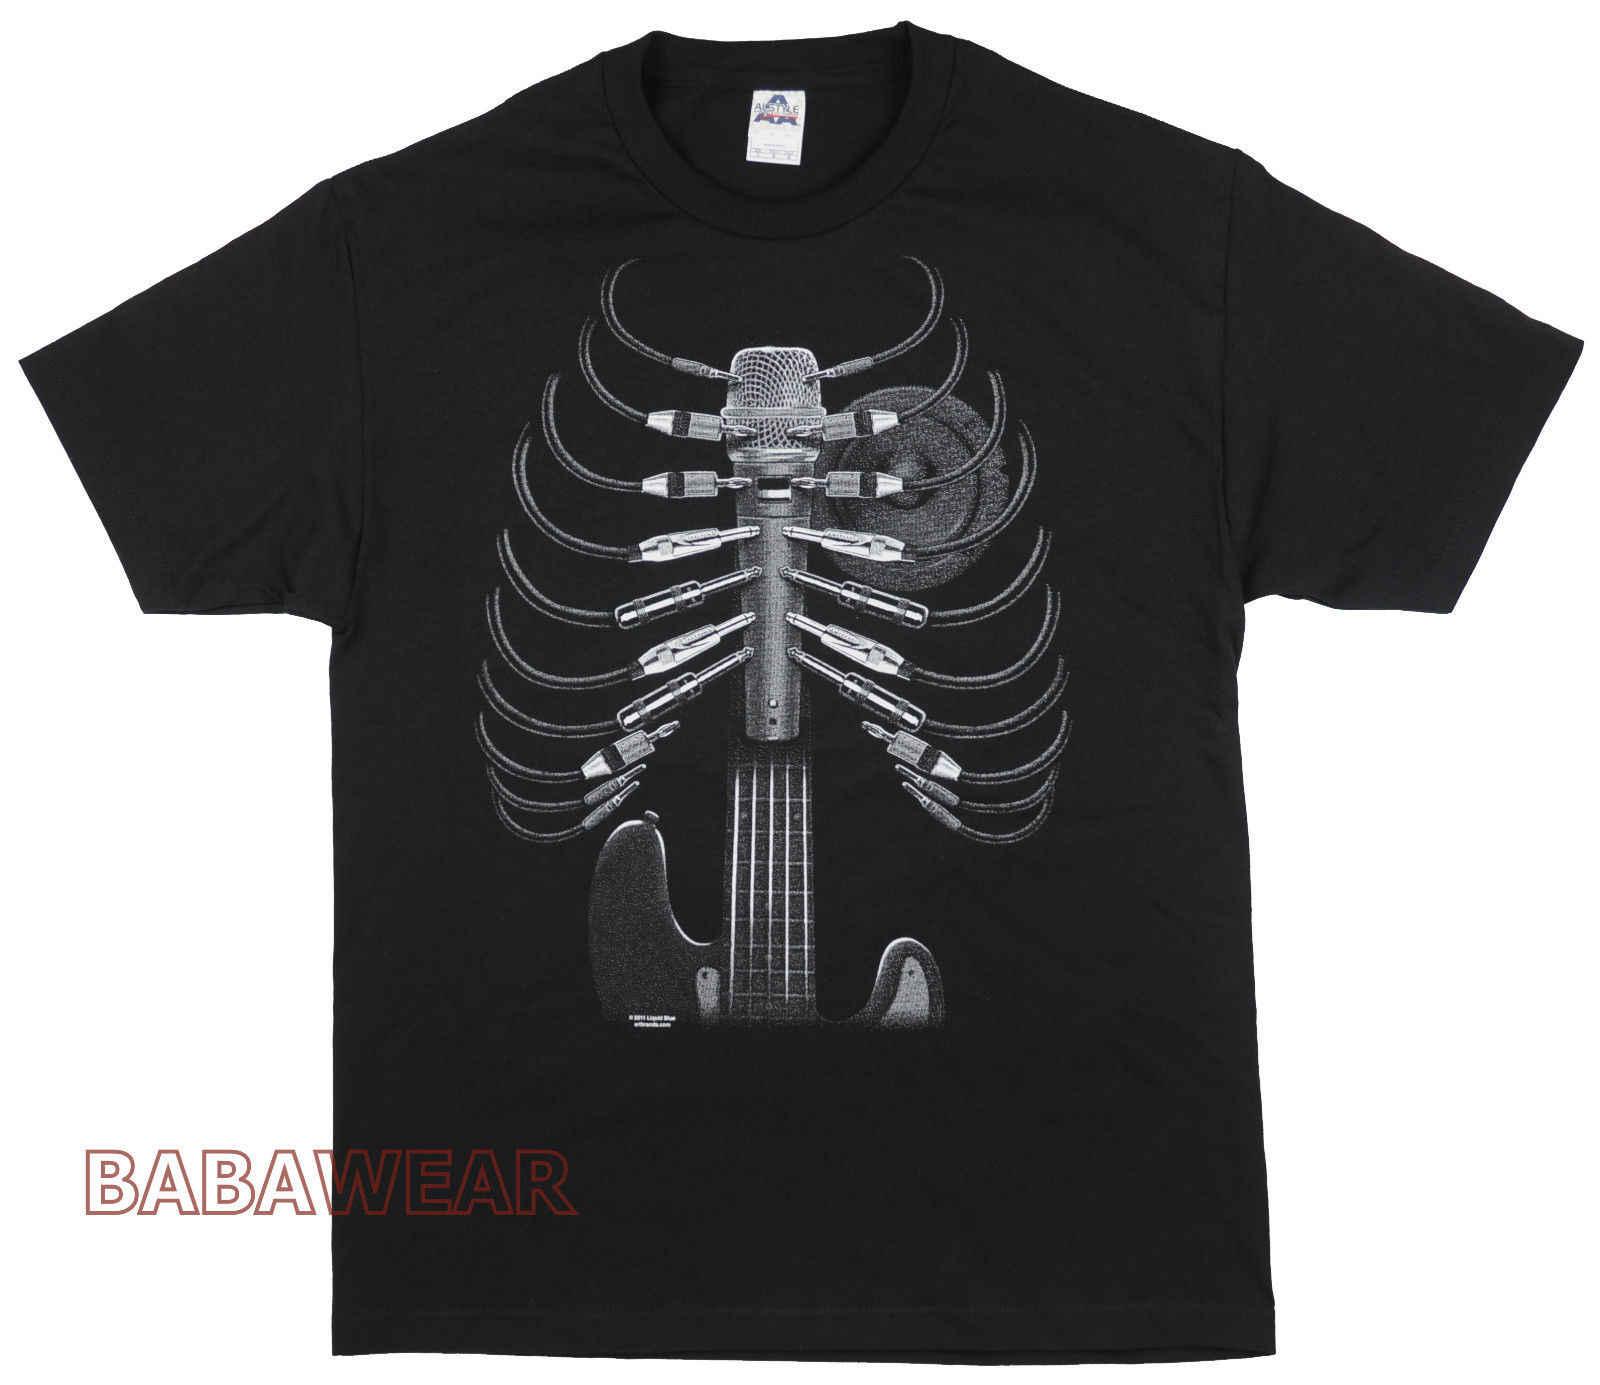 2020 ファッション夏スタイルの音楽スタッフ Amped Tシャツ黒ワイヤー胸郭ギターマイクスピーカーハート馬場 Tシャツシャツ